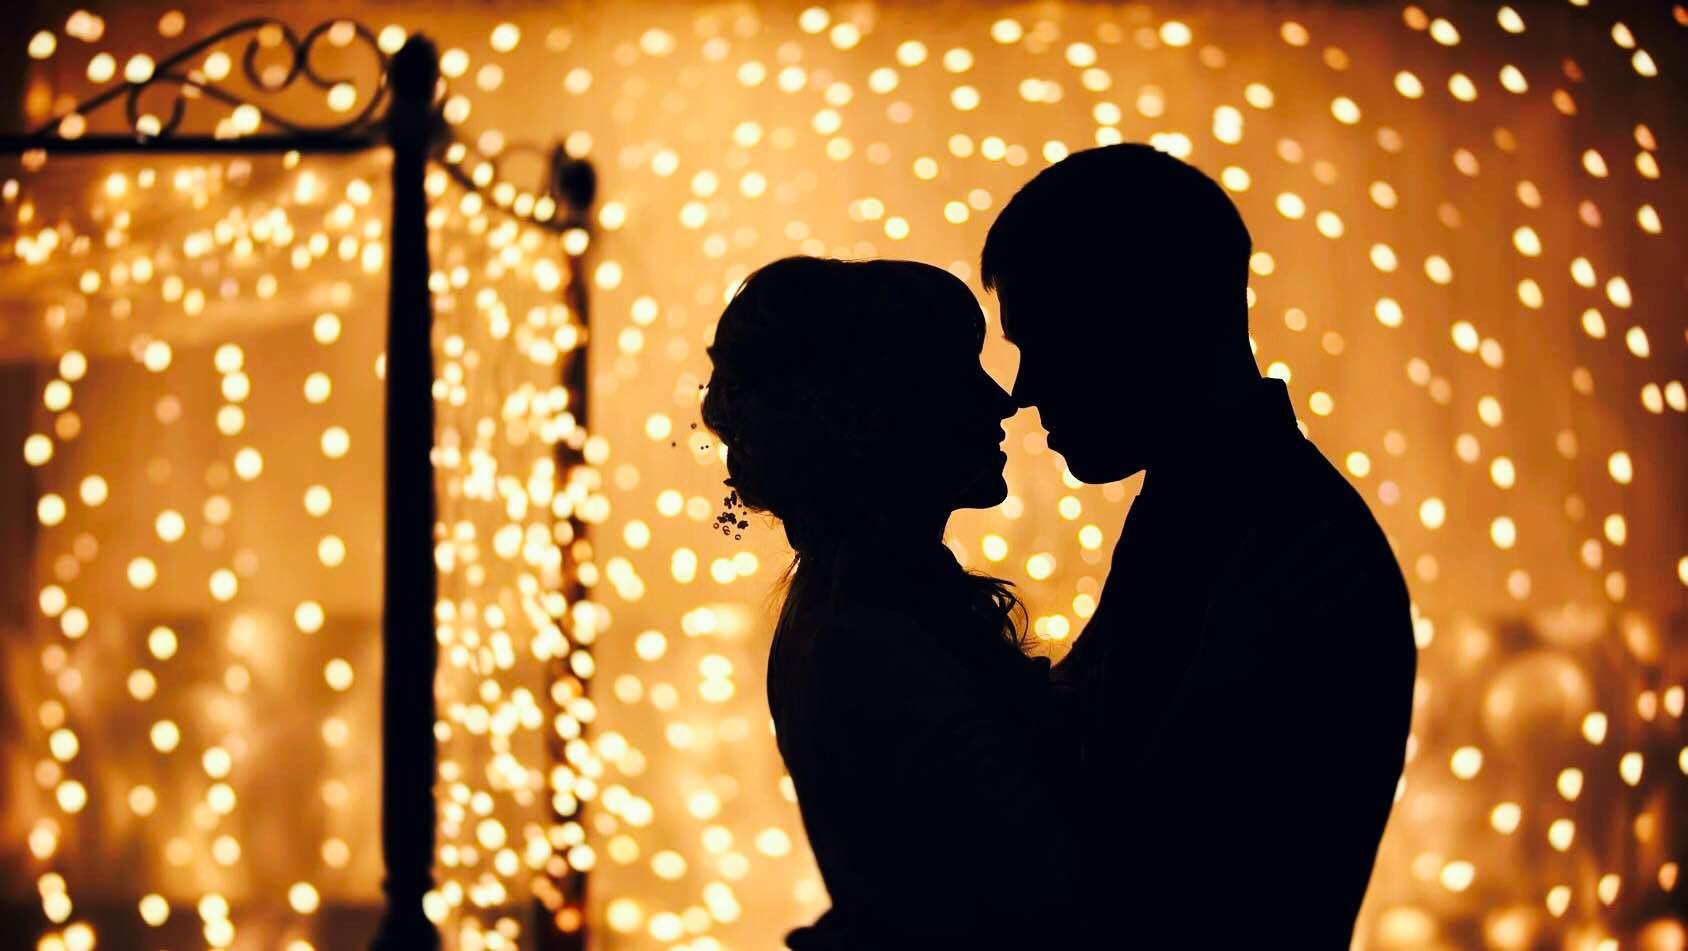 Astrološka prognoza za januar 2018. godine: Stiže mesec velikih ljubavnih iskušenja!